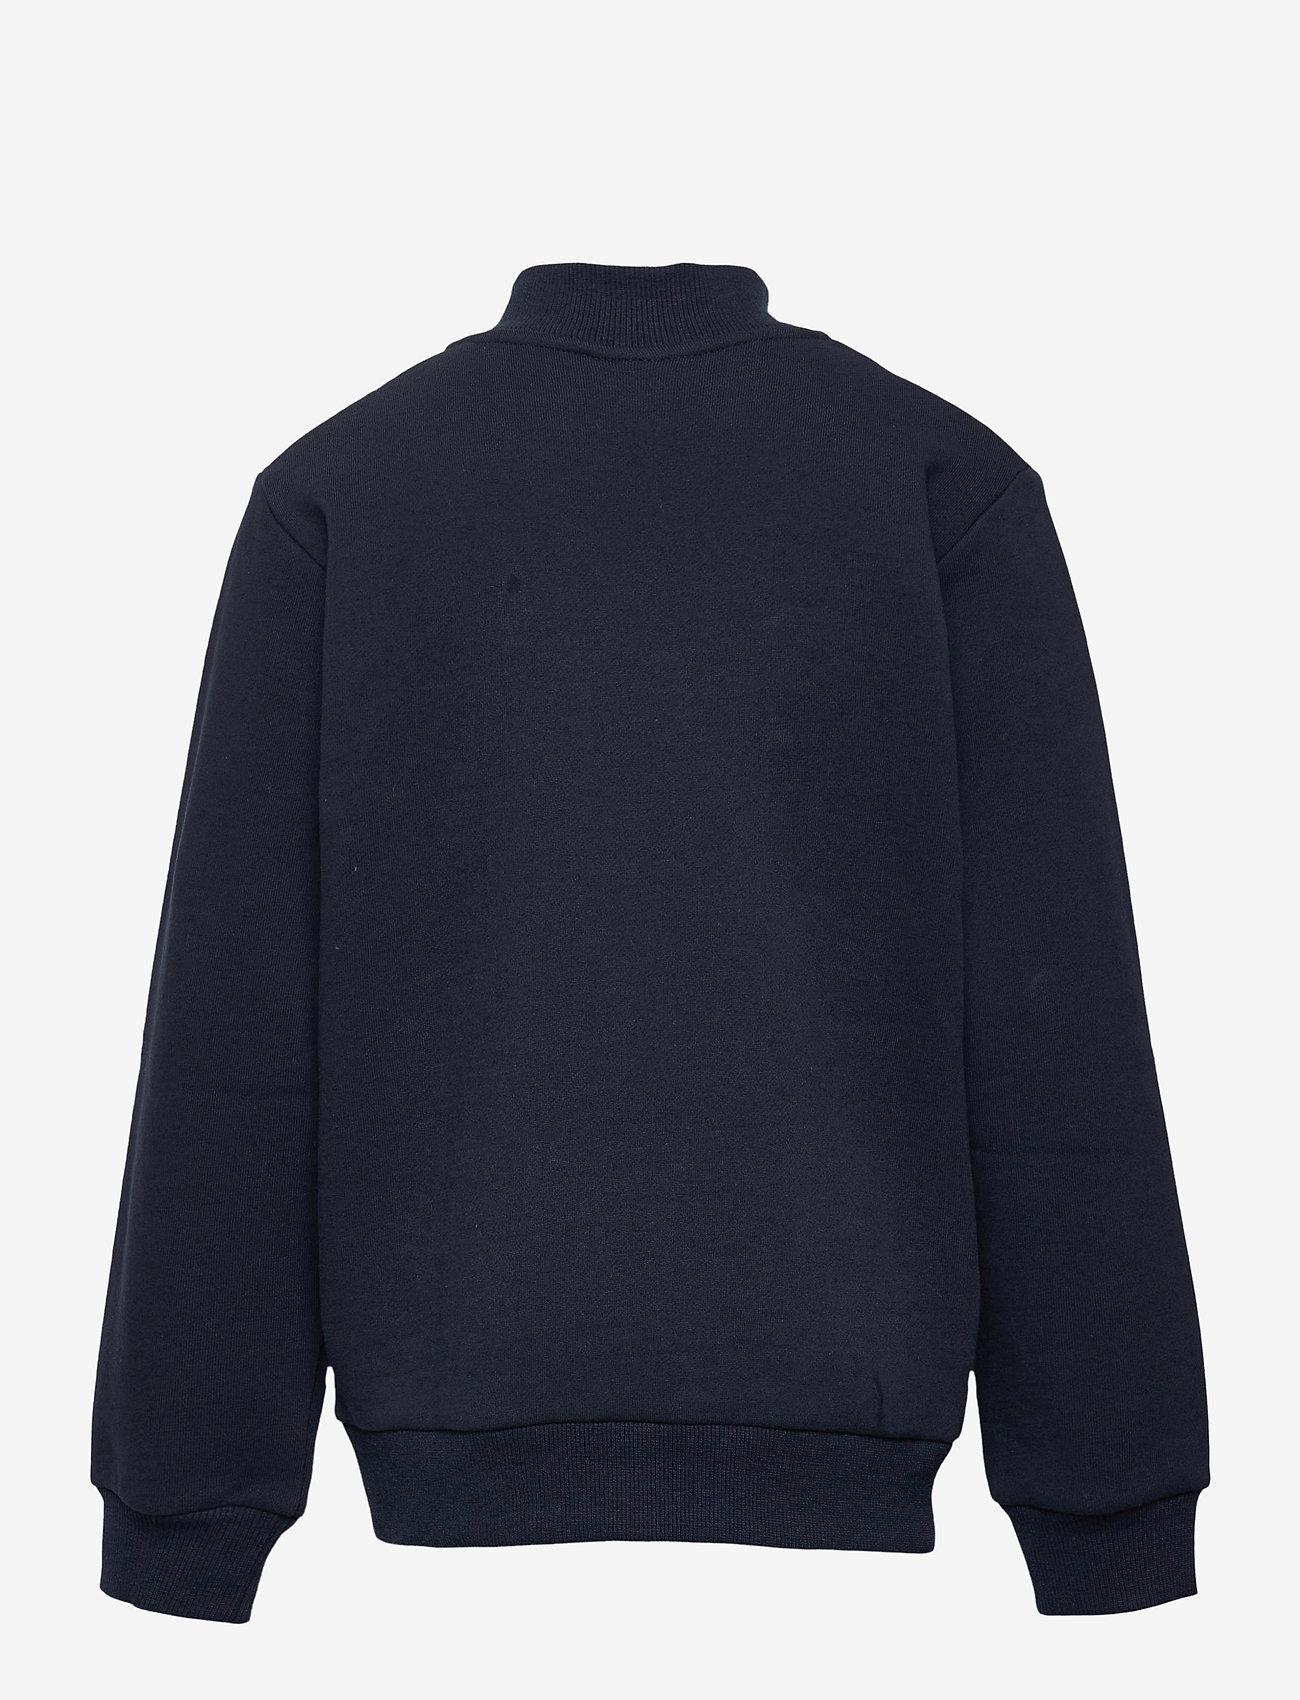 Ellesse - EL TUFFIO JNR 1/2 ZIP TRACK TOP - sweatshirts - navy - 1